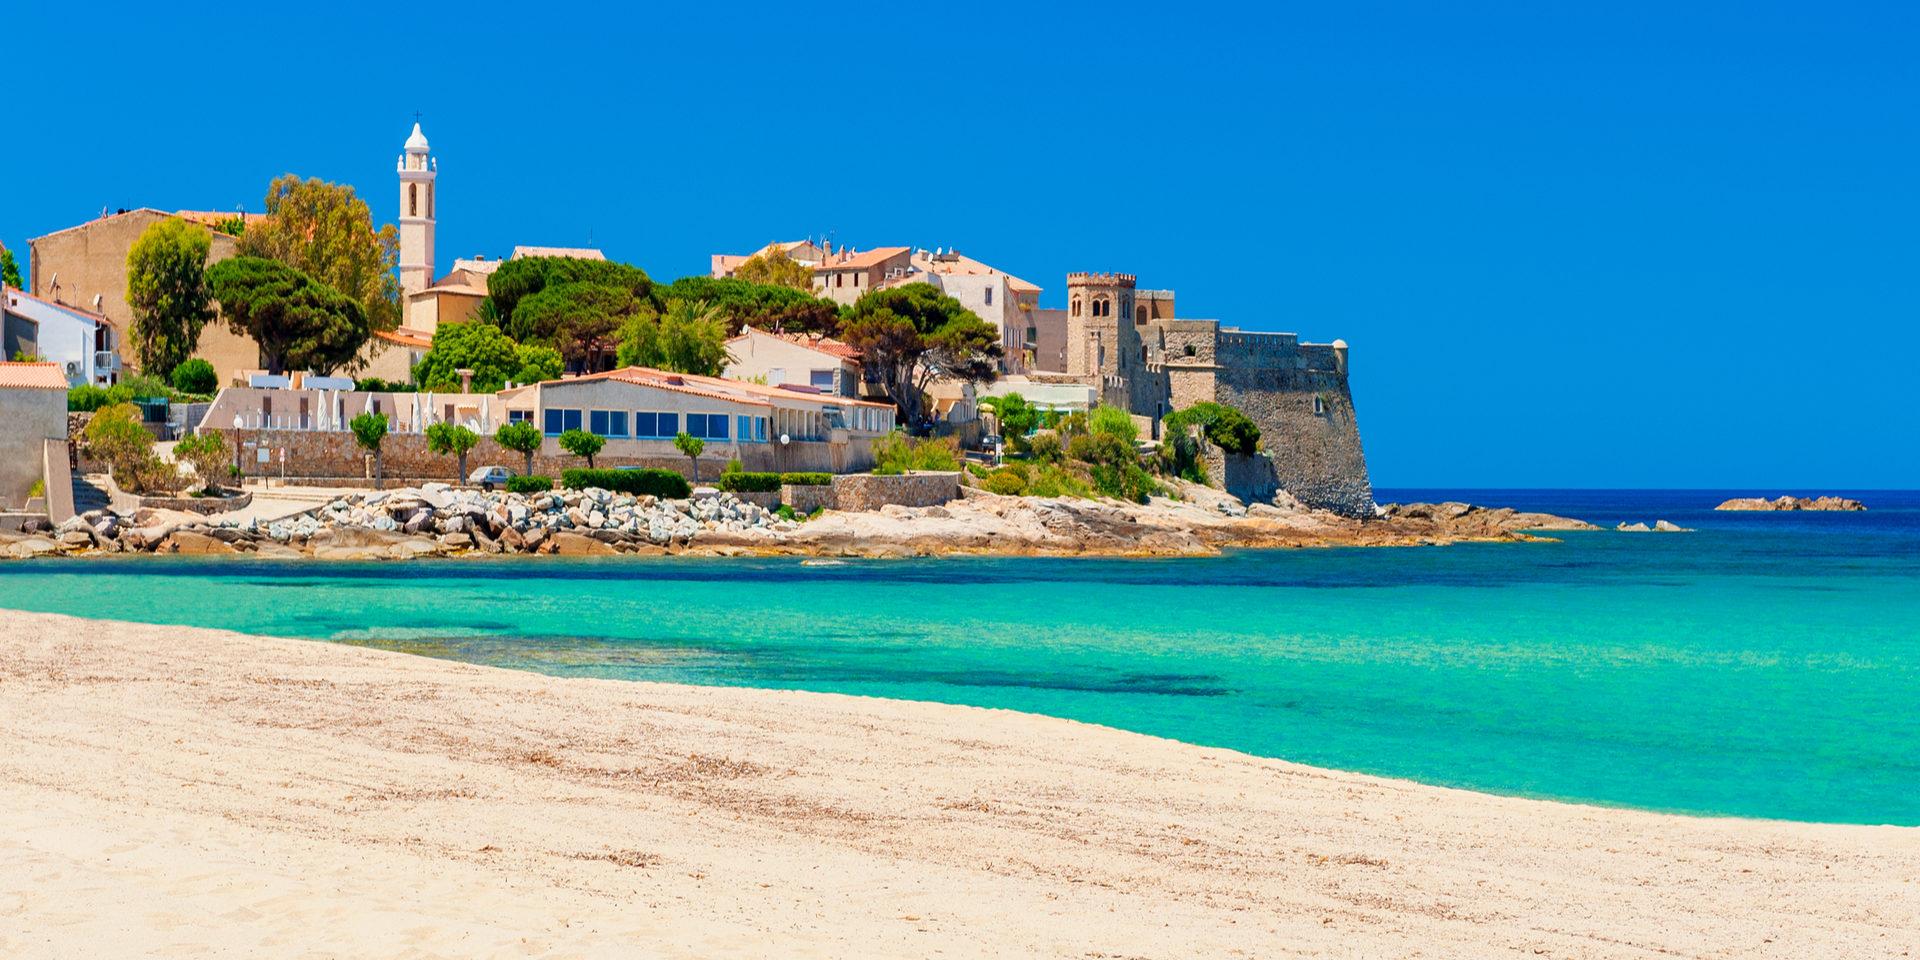 Algajola Corsica Frankrijk noorden kustplaats badplaats strand zee dorp zonovergoten